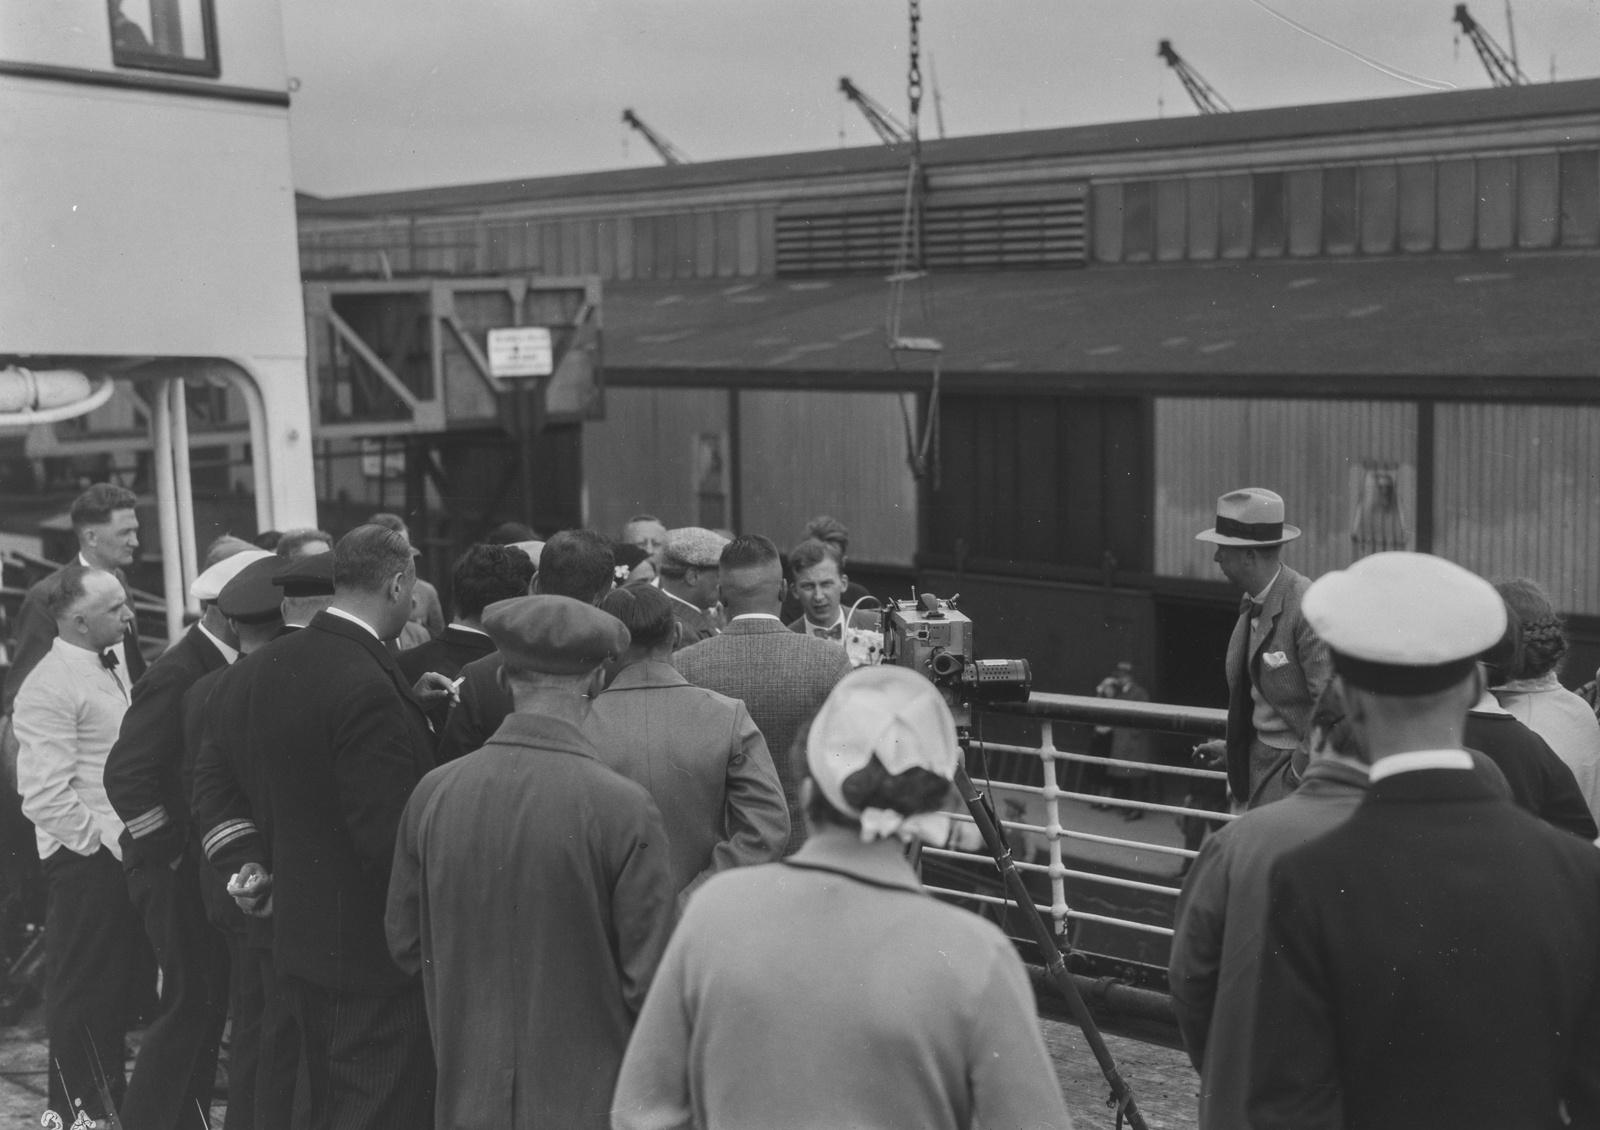 Роттердам. Группа людей стоит на корабле, собравшись вокруг камеры